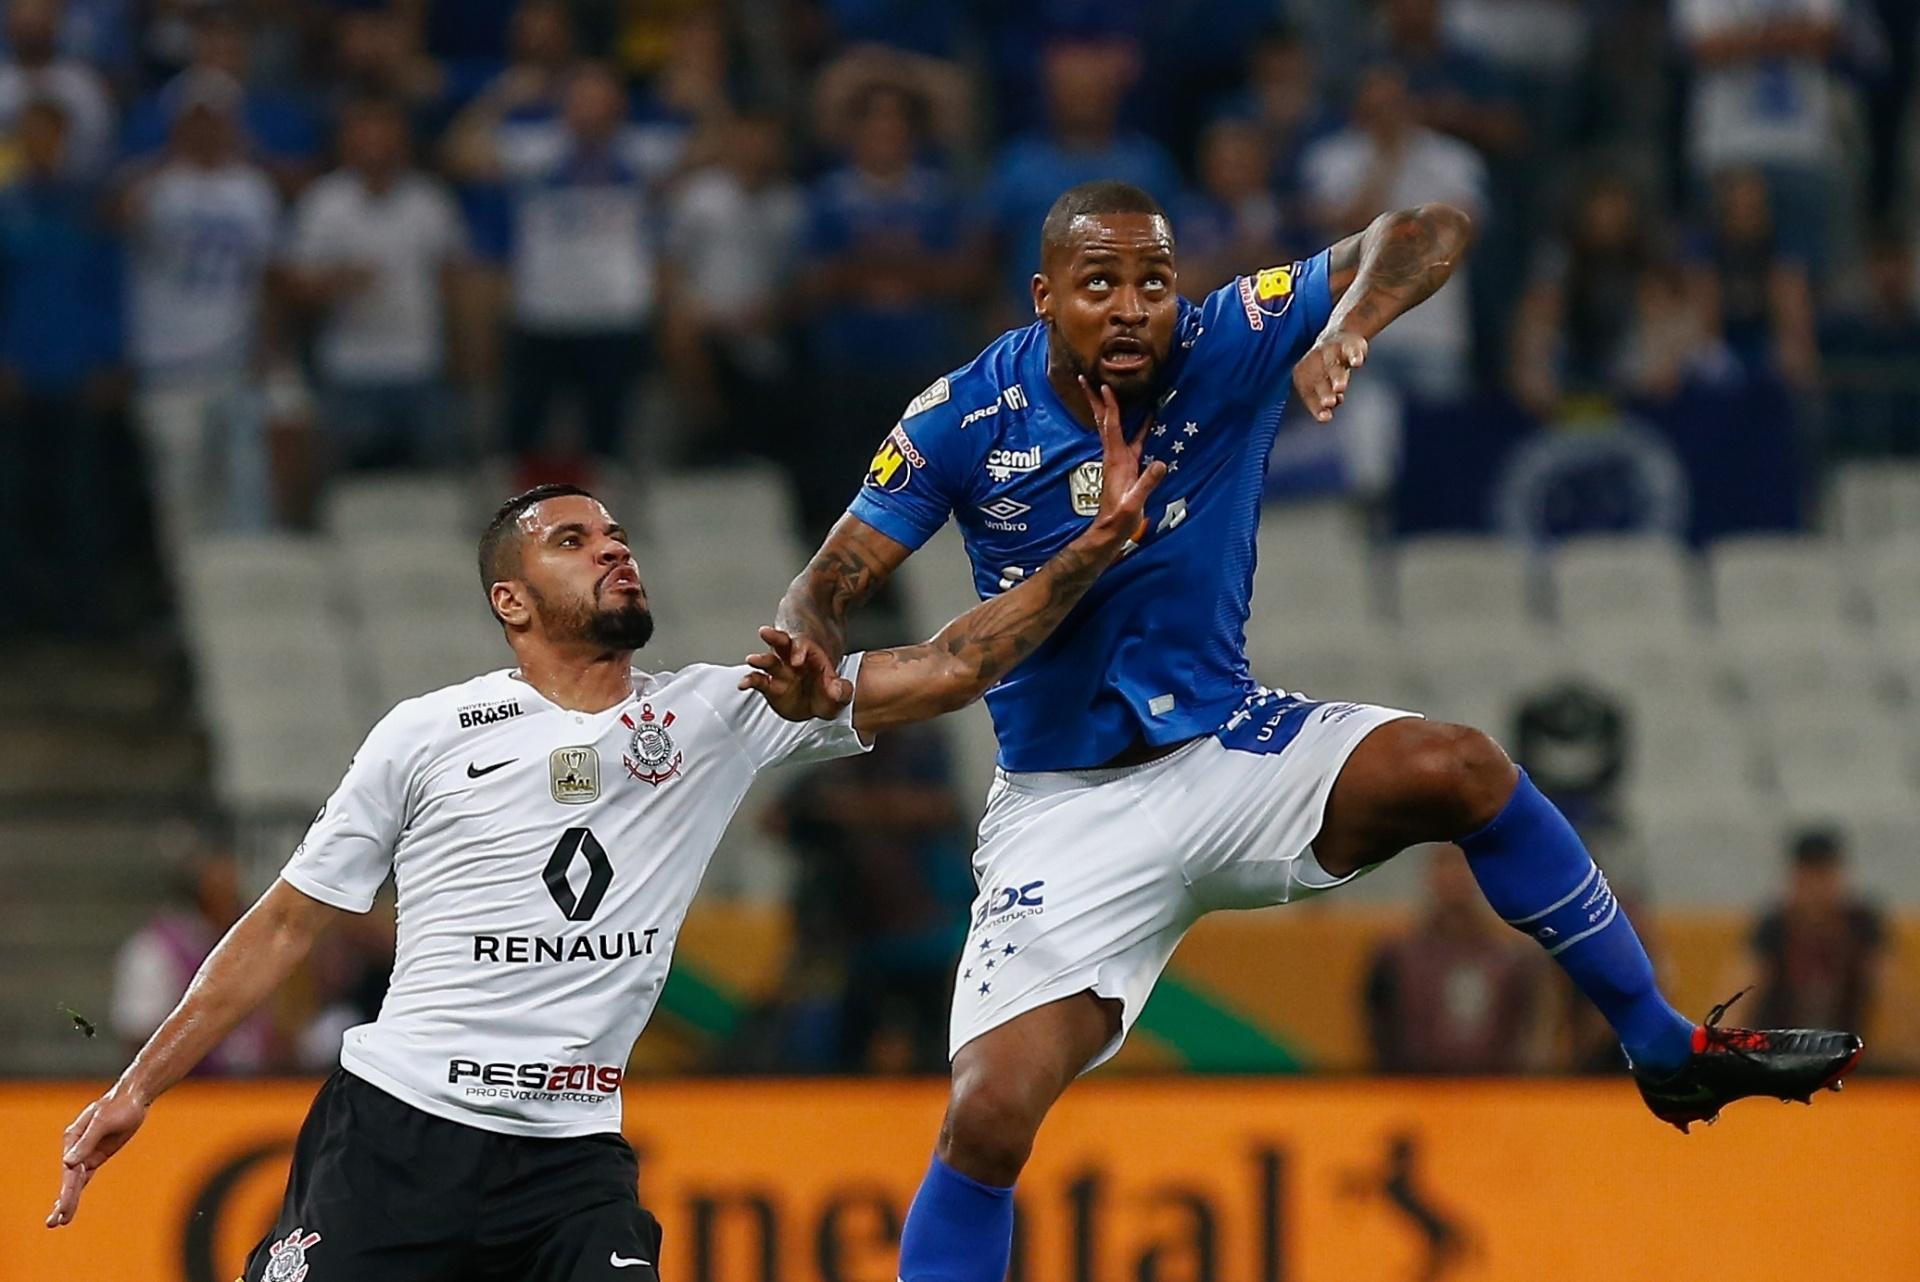 a5d88686c7 Dedé supera dúvida pessoal sobre volta 100% para brilhar no Cruzeiro -  18 10 2018 - UOL Esporte